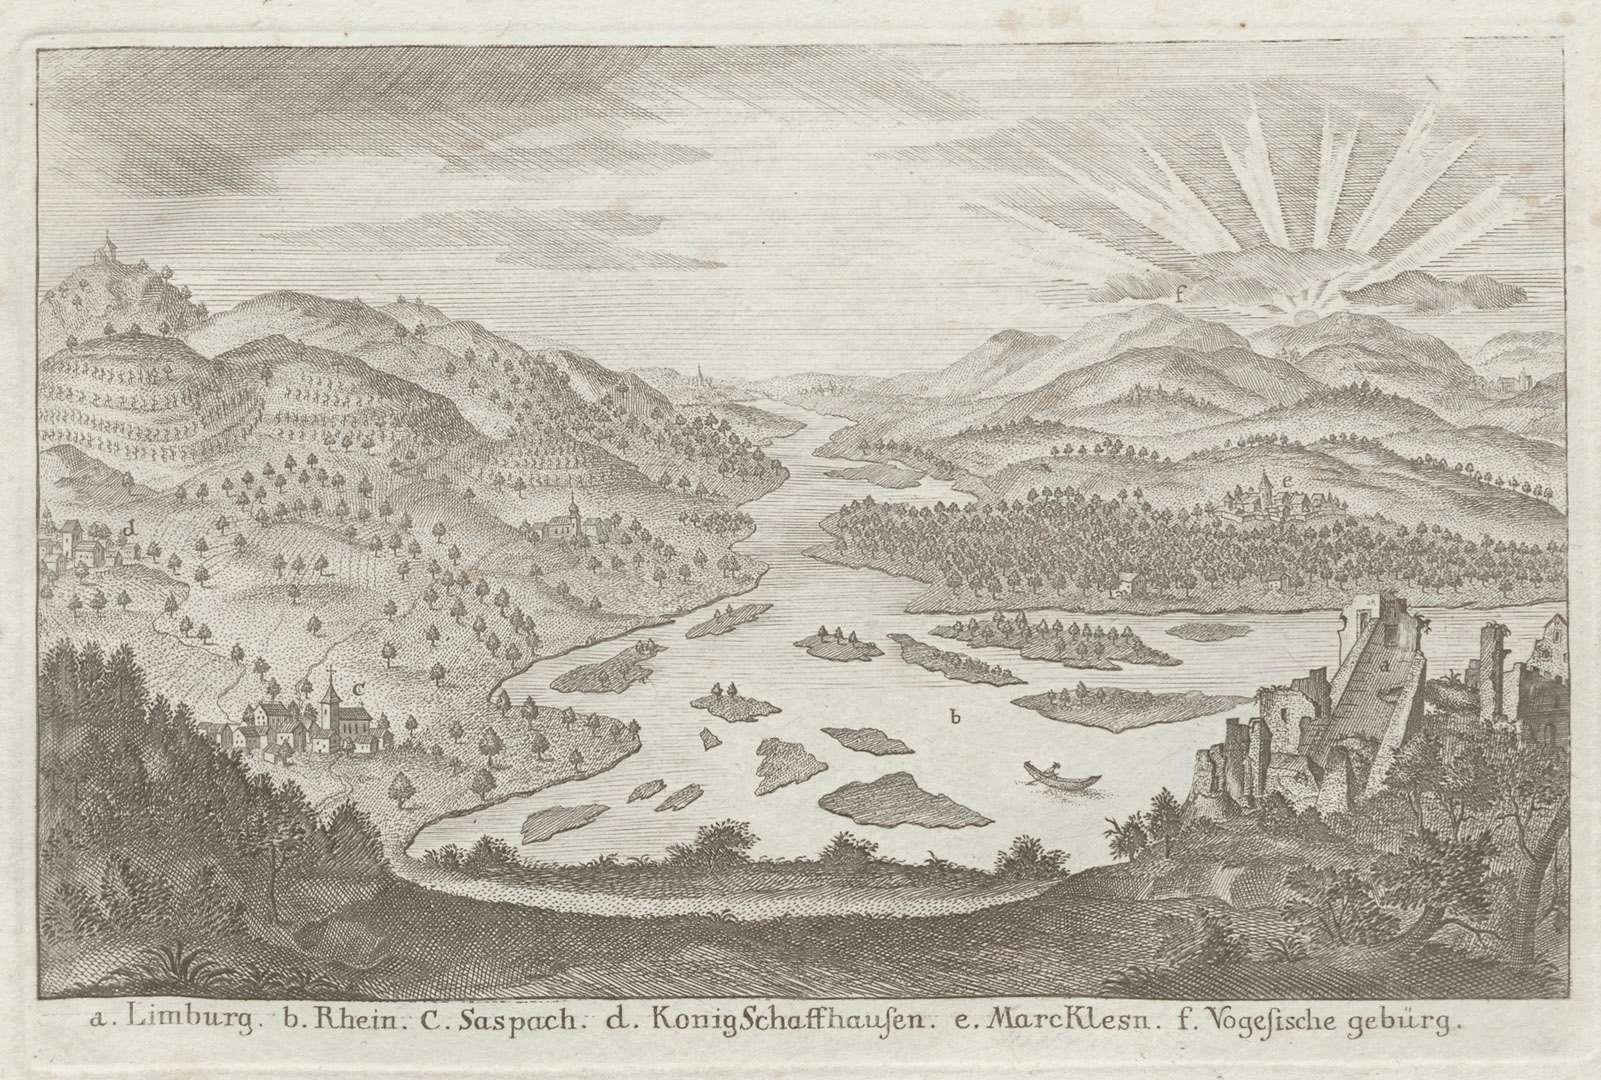 [Sicht auf den mäandrierenden Rhein in der Gegend des Kaiserstuhls], Bild 1